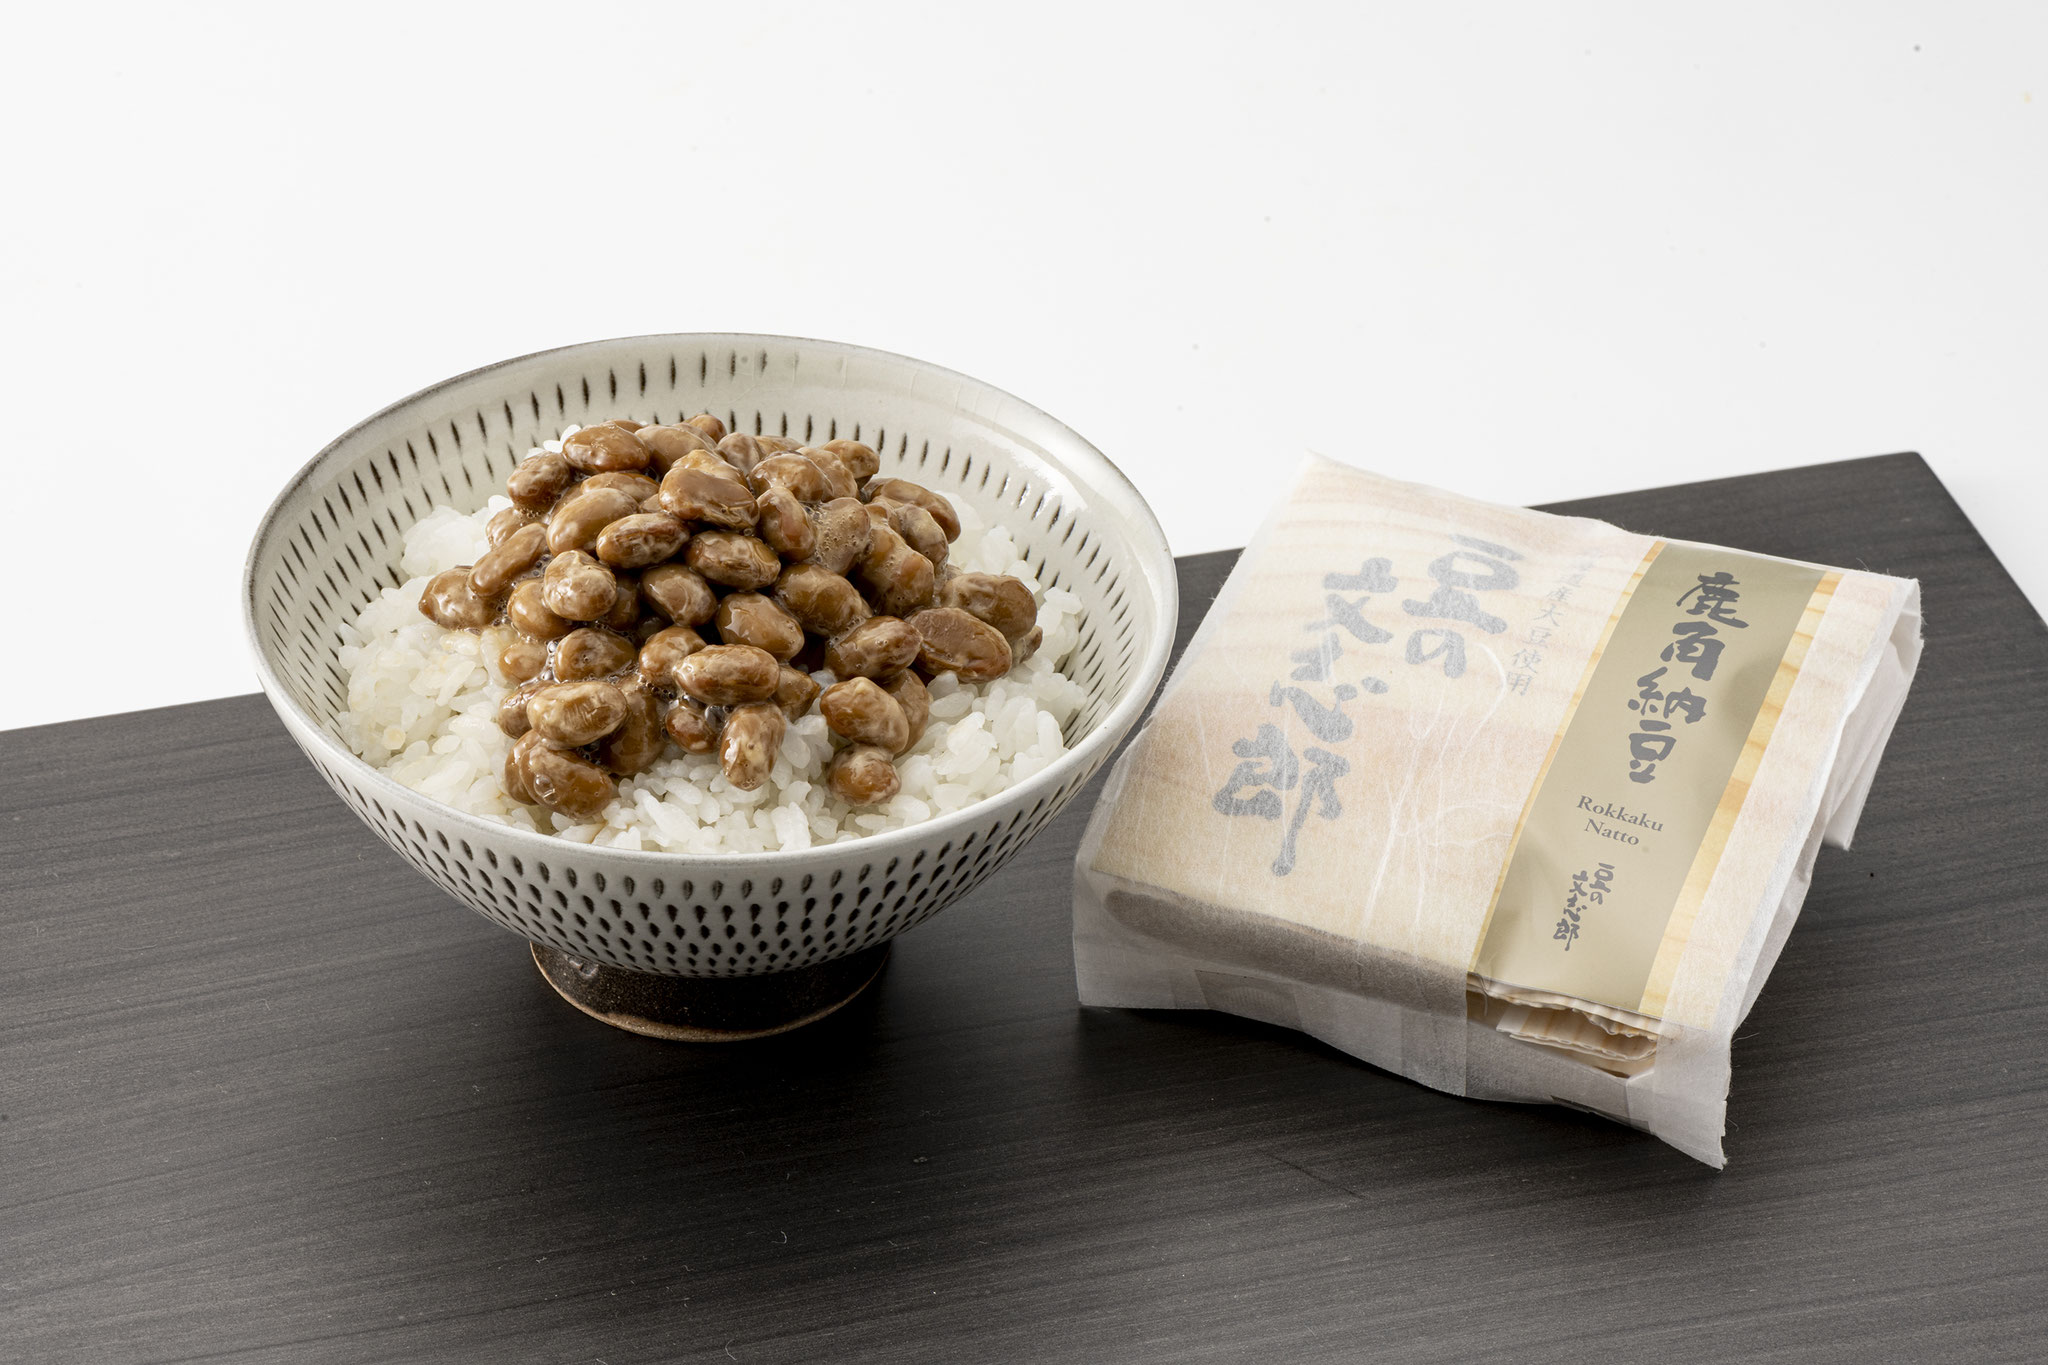 文志郎の鹿角納豆<道南平塚食品(株)>